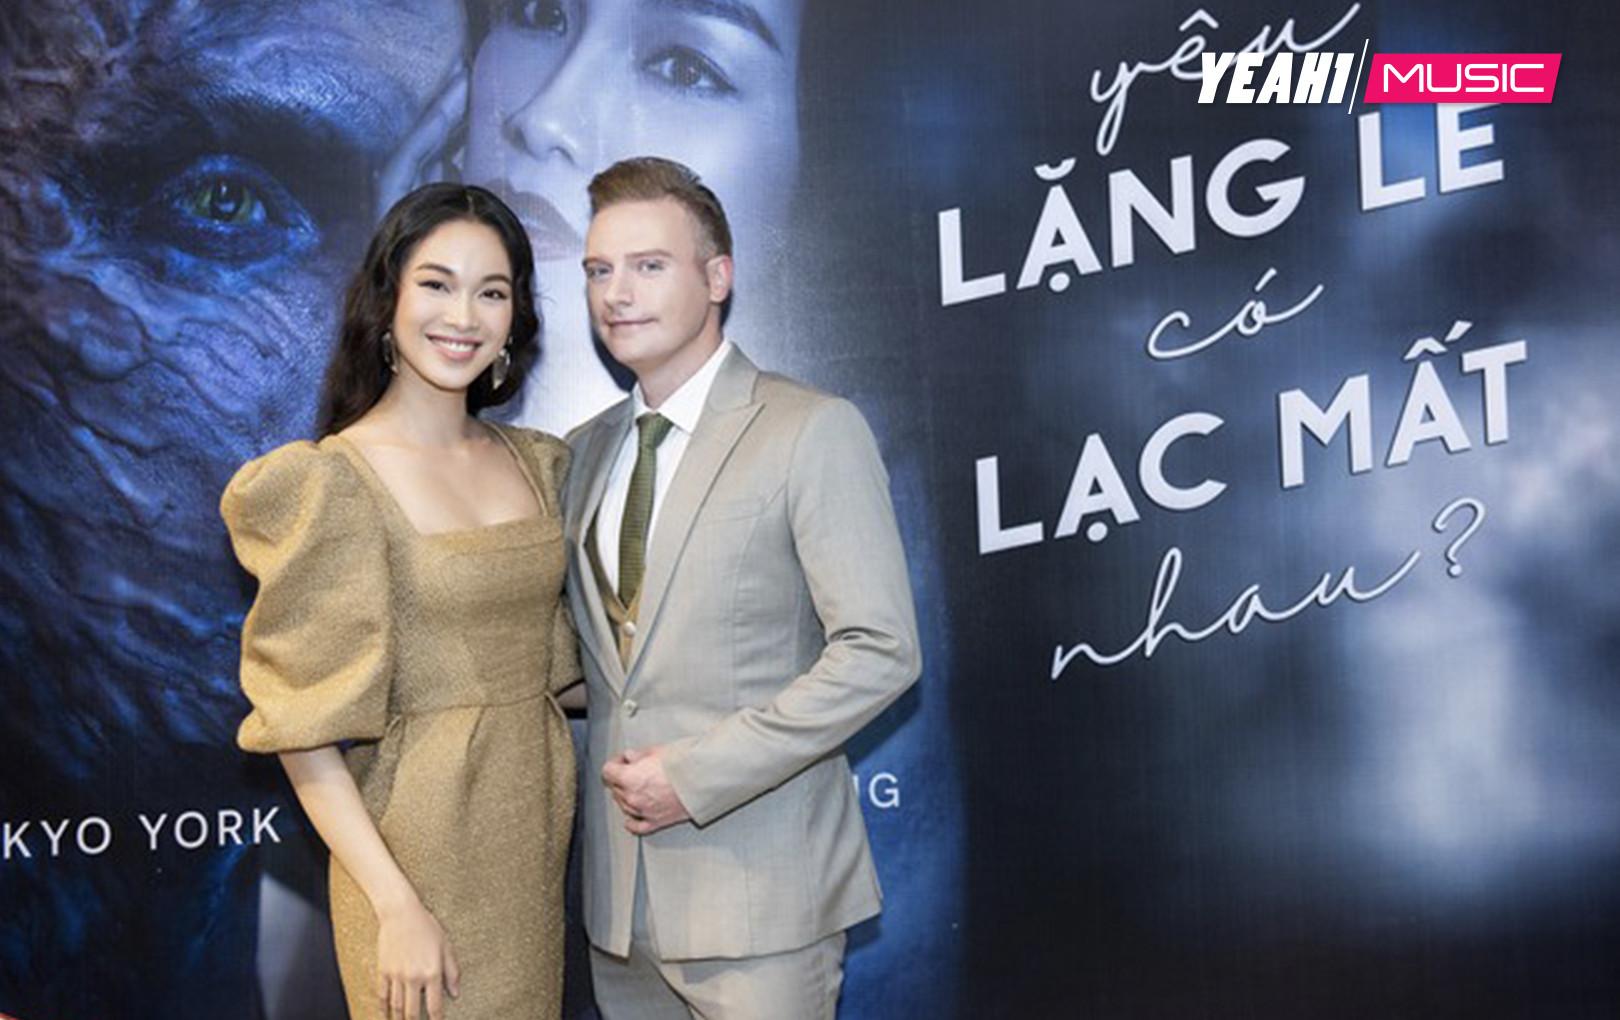 Nàng thơ Hoàng Minh Hà bất ngờ  lên tiếng về mối quan hệ 'phim giả tình thật' với Kyo York?